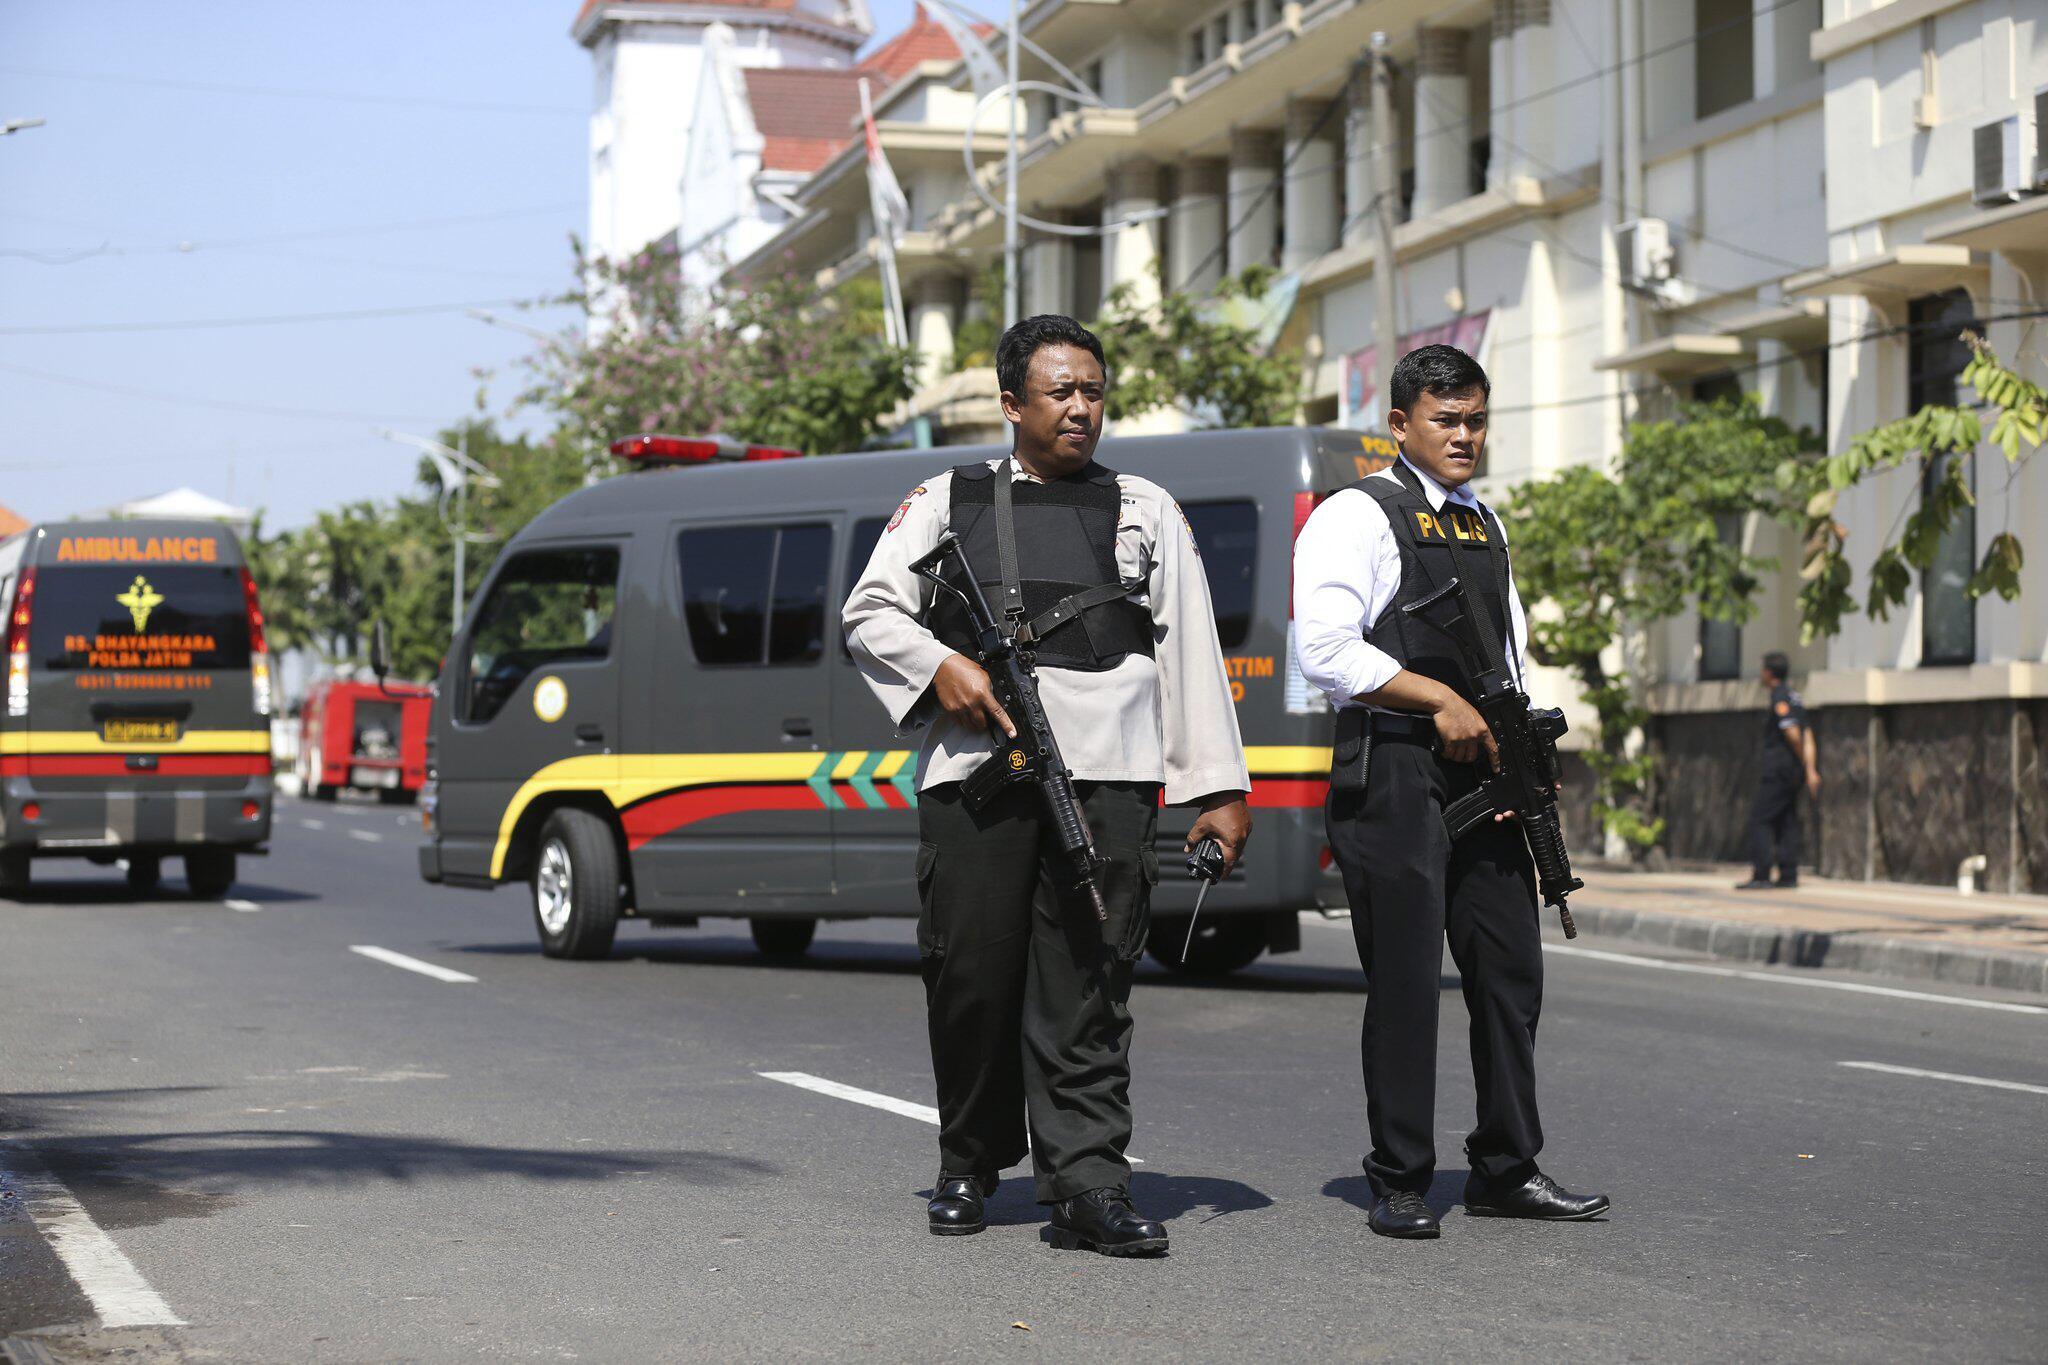 Bild zu Blutiger Anschlag auf Polizeihauptquartier in Indonesien